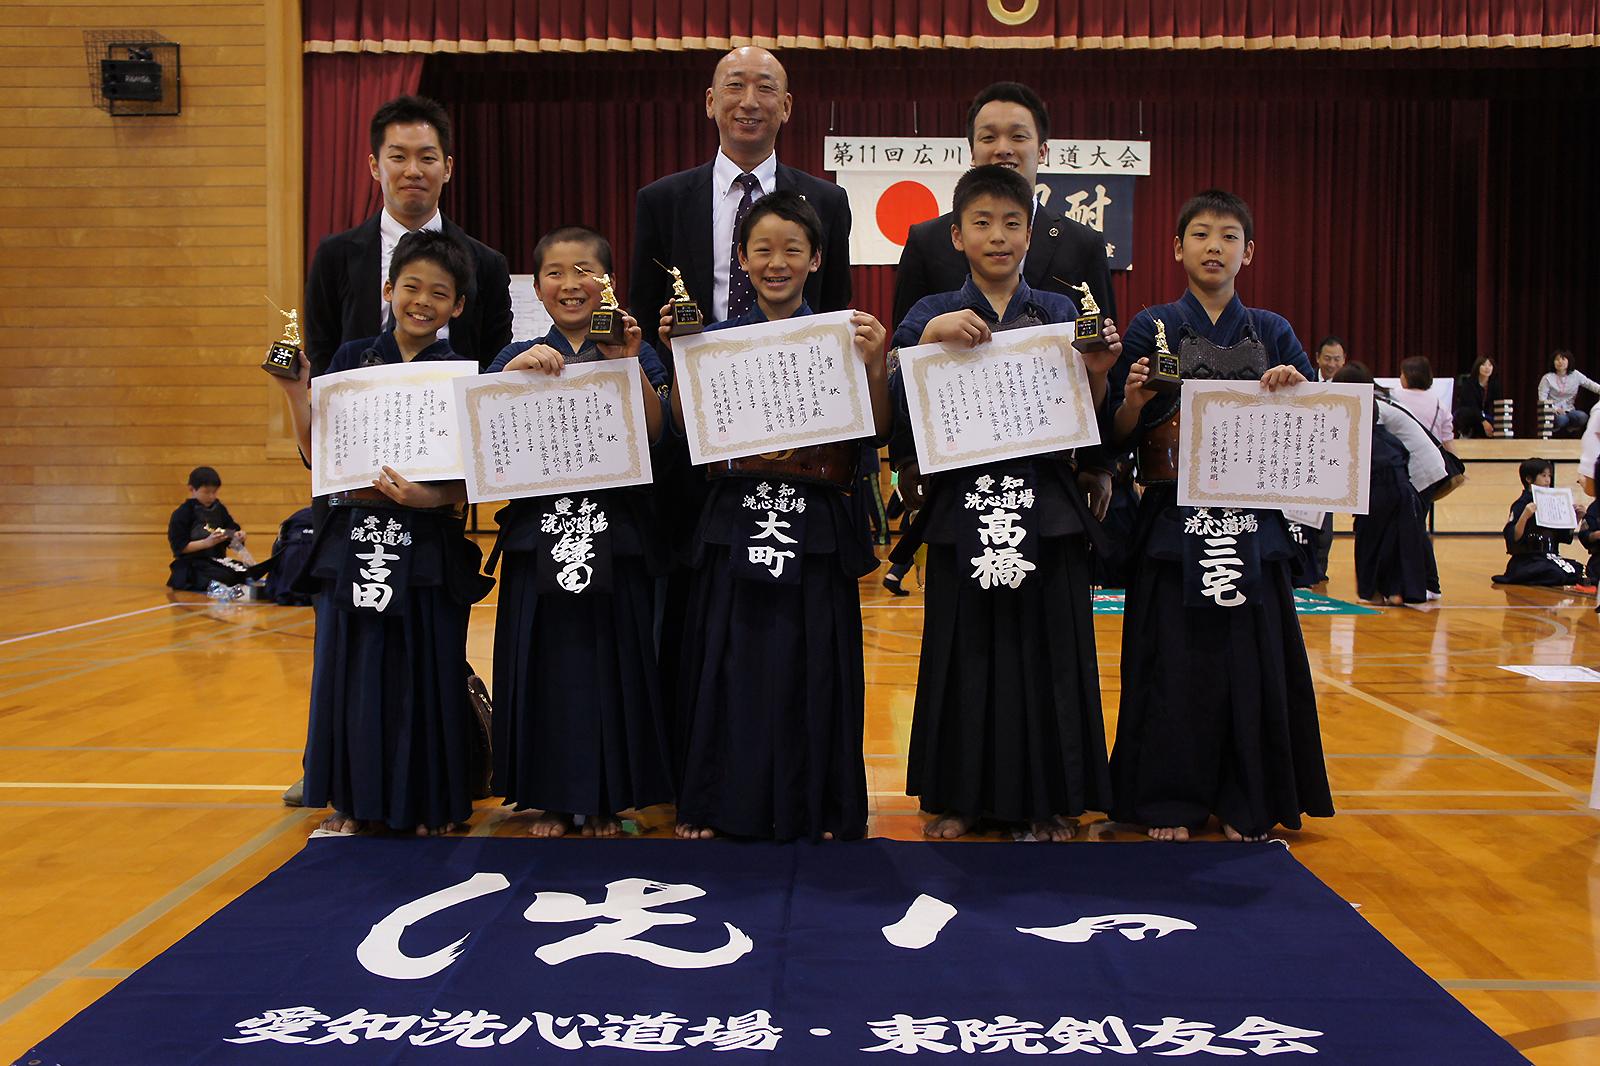 第11回広川少年剣道大会